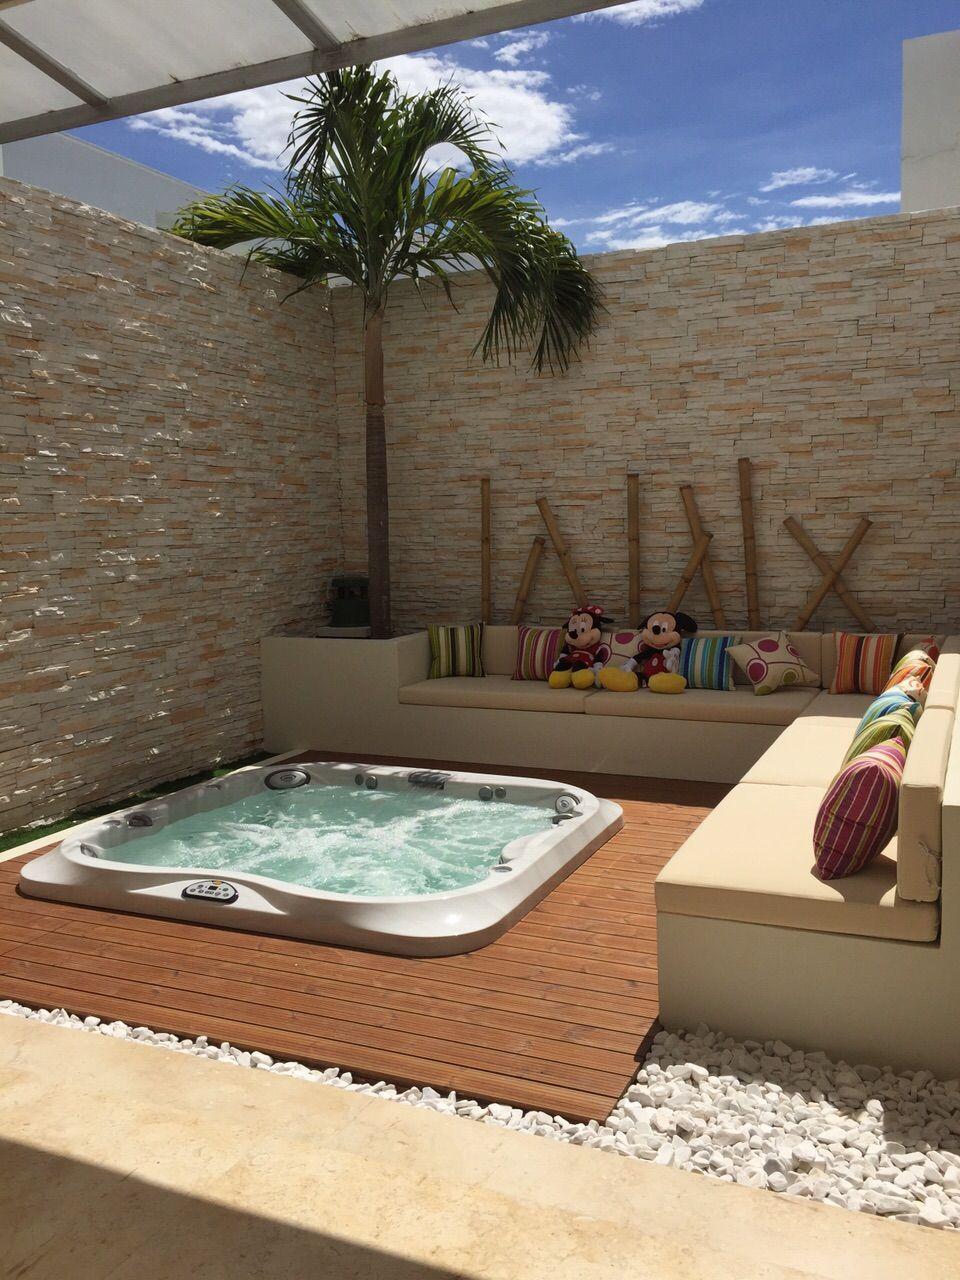 Proyecto construido terraza jacuzzi exterior for Jacuzzi piscina exterior